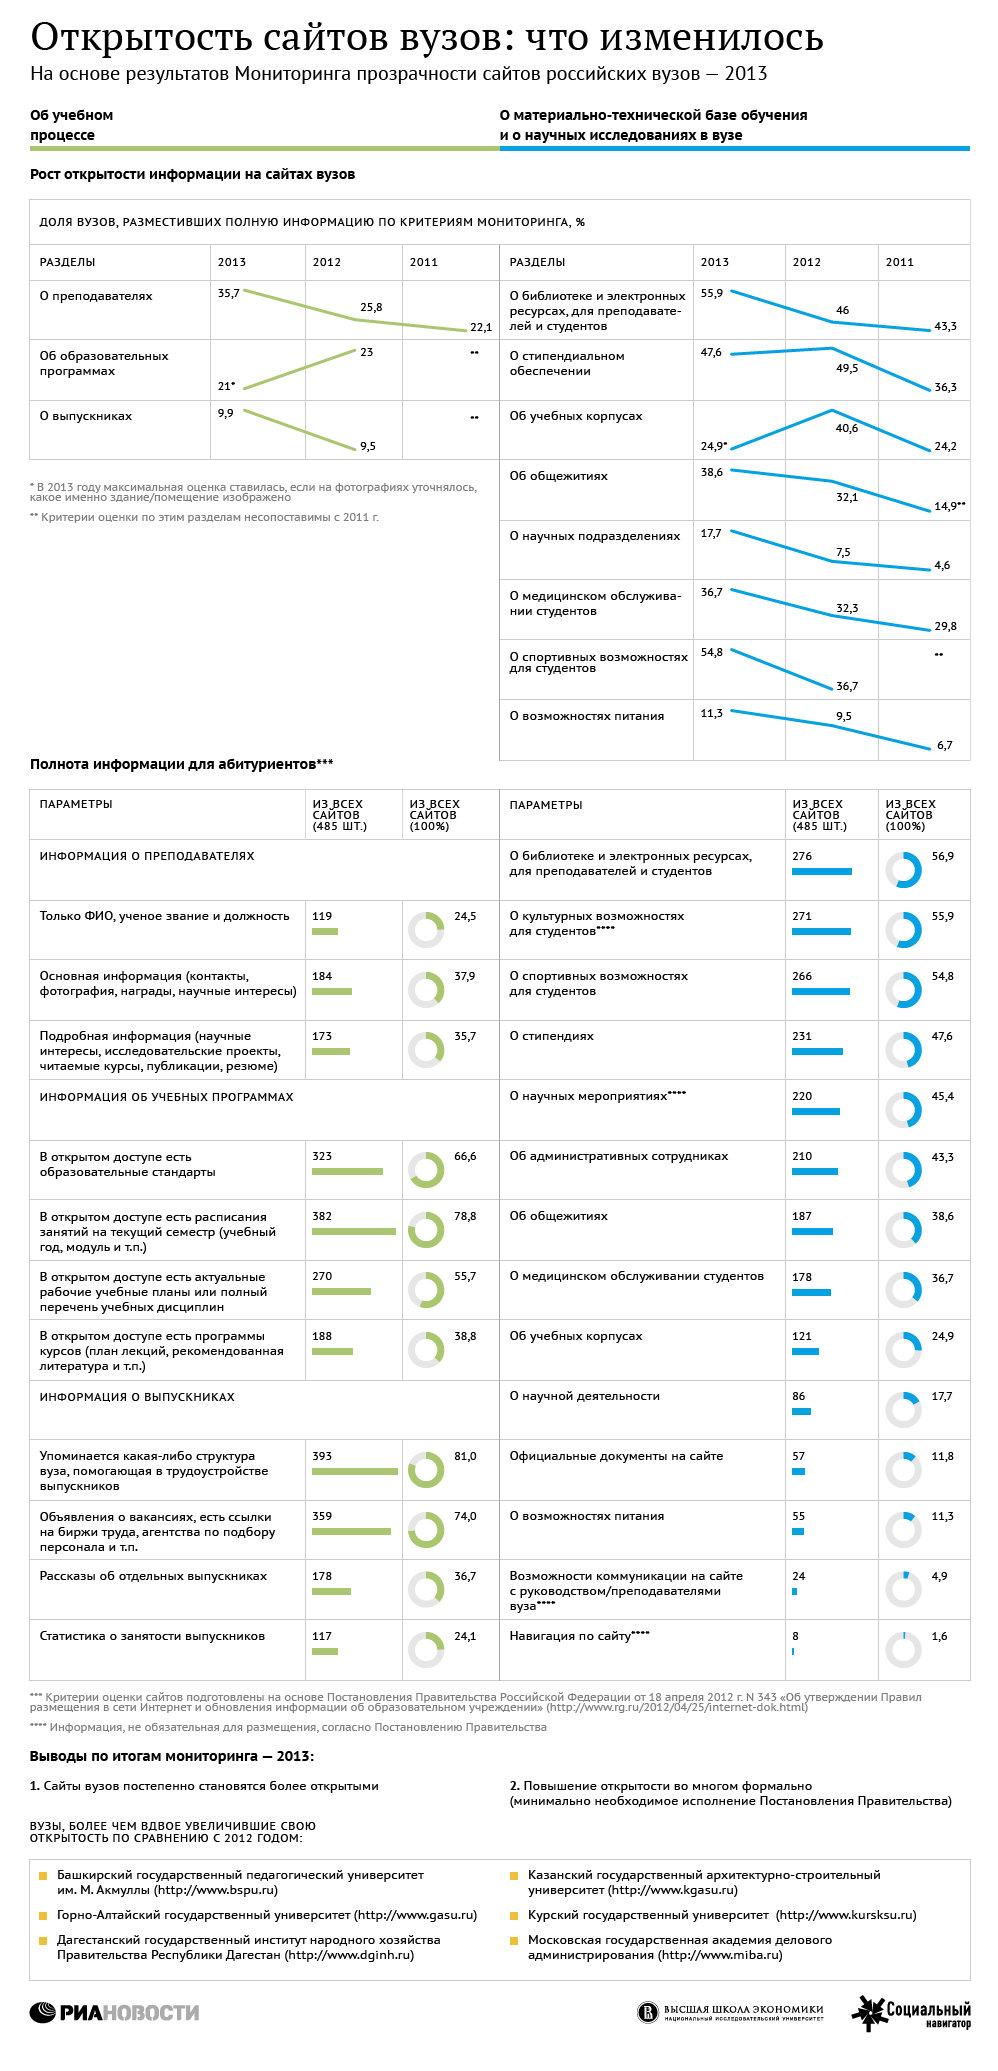 Рейтинг открытости сайтов вузов